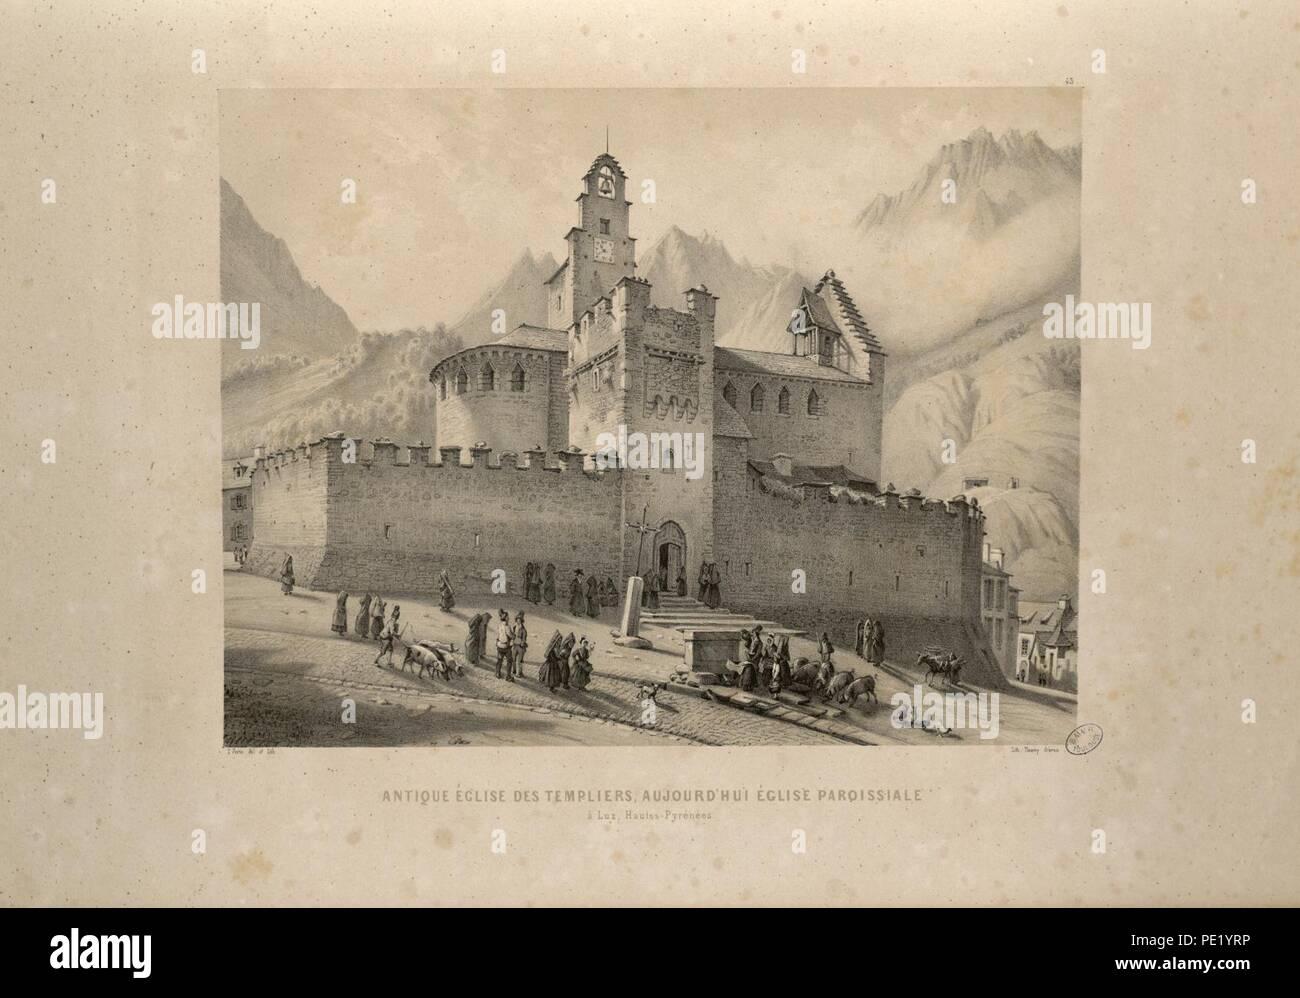 Antique église des Templiers, aujourd'hui église paroissiale à Luz, Hautes-Pyrénées - Fonds Ancely - B315556101 A PARIS 1 041. - Stock Image